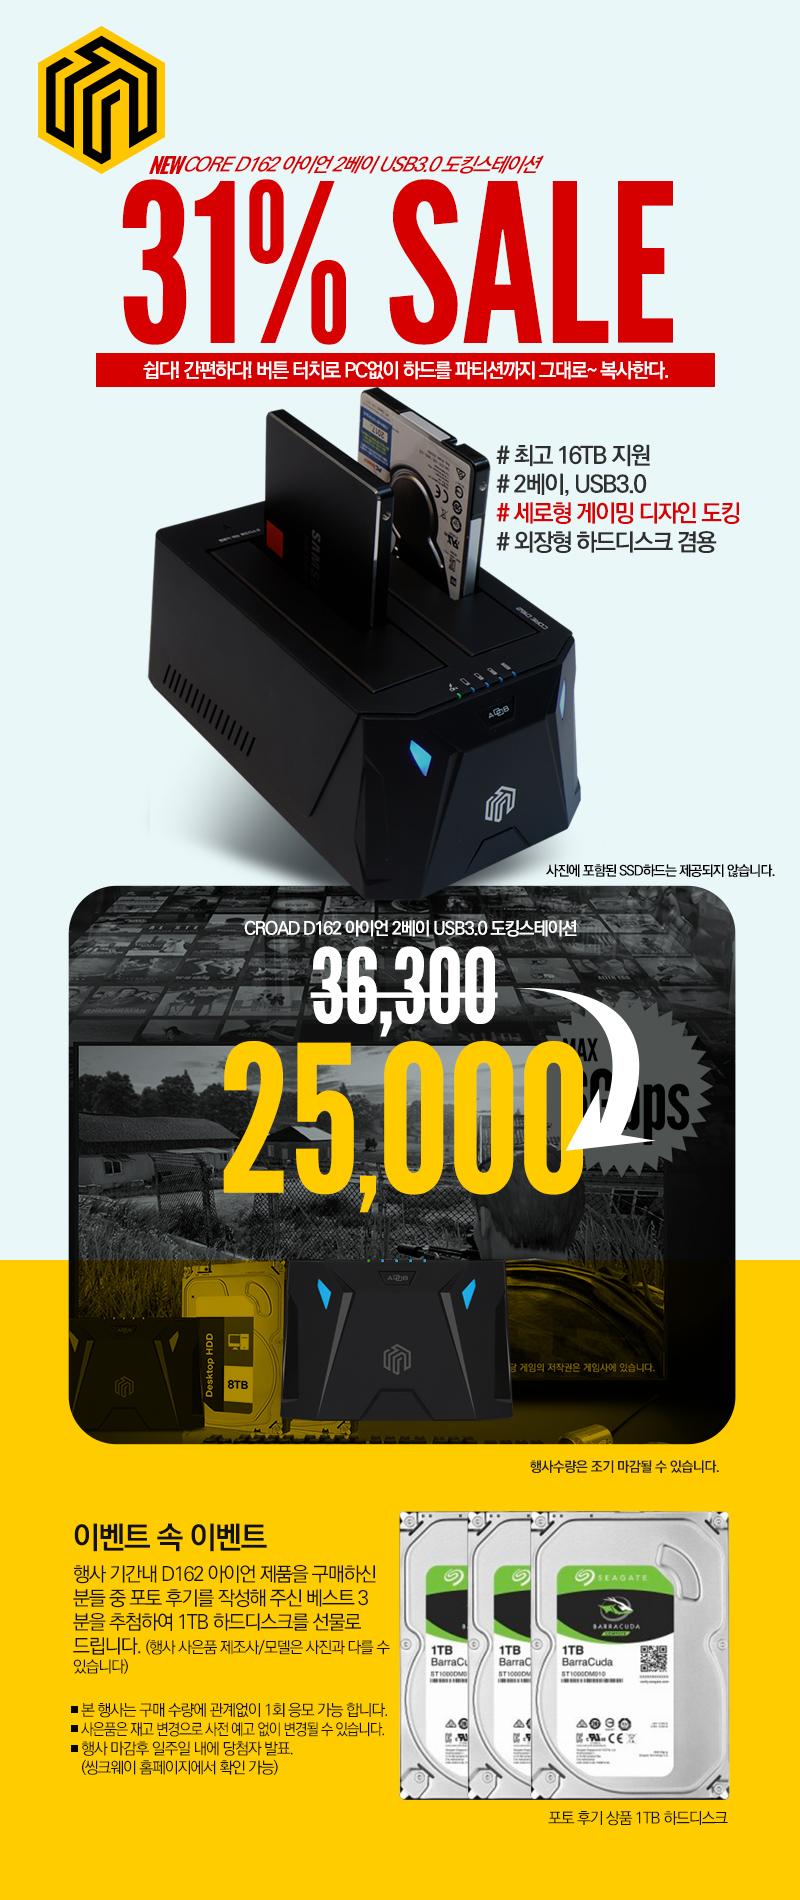 D162-event-20171113-25000-800x1.jpg